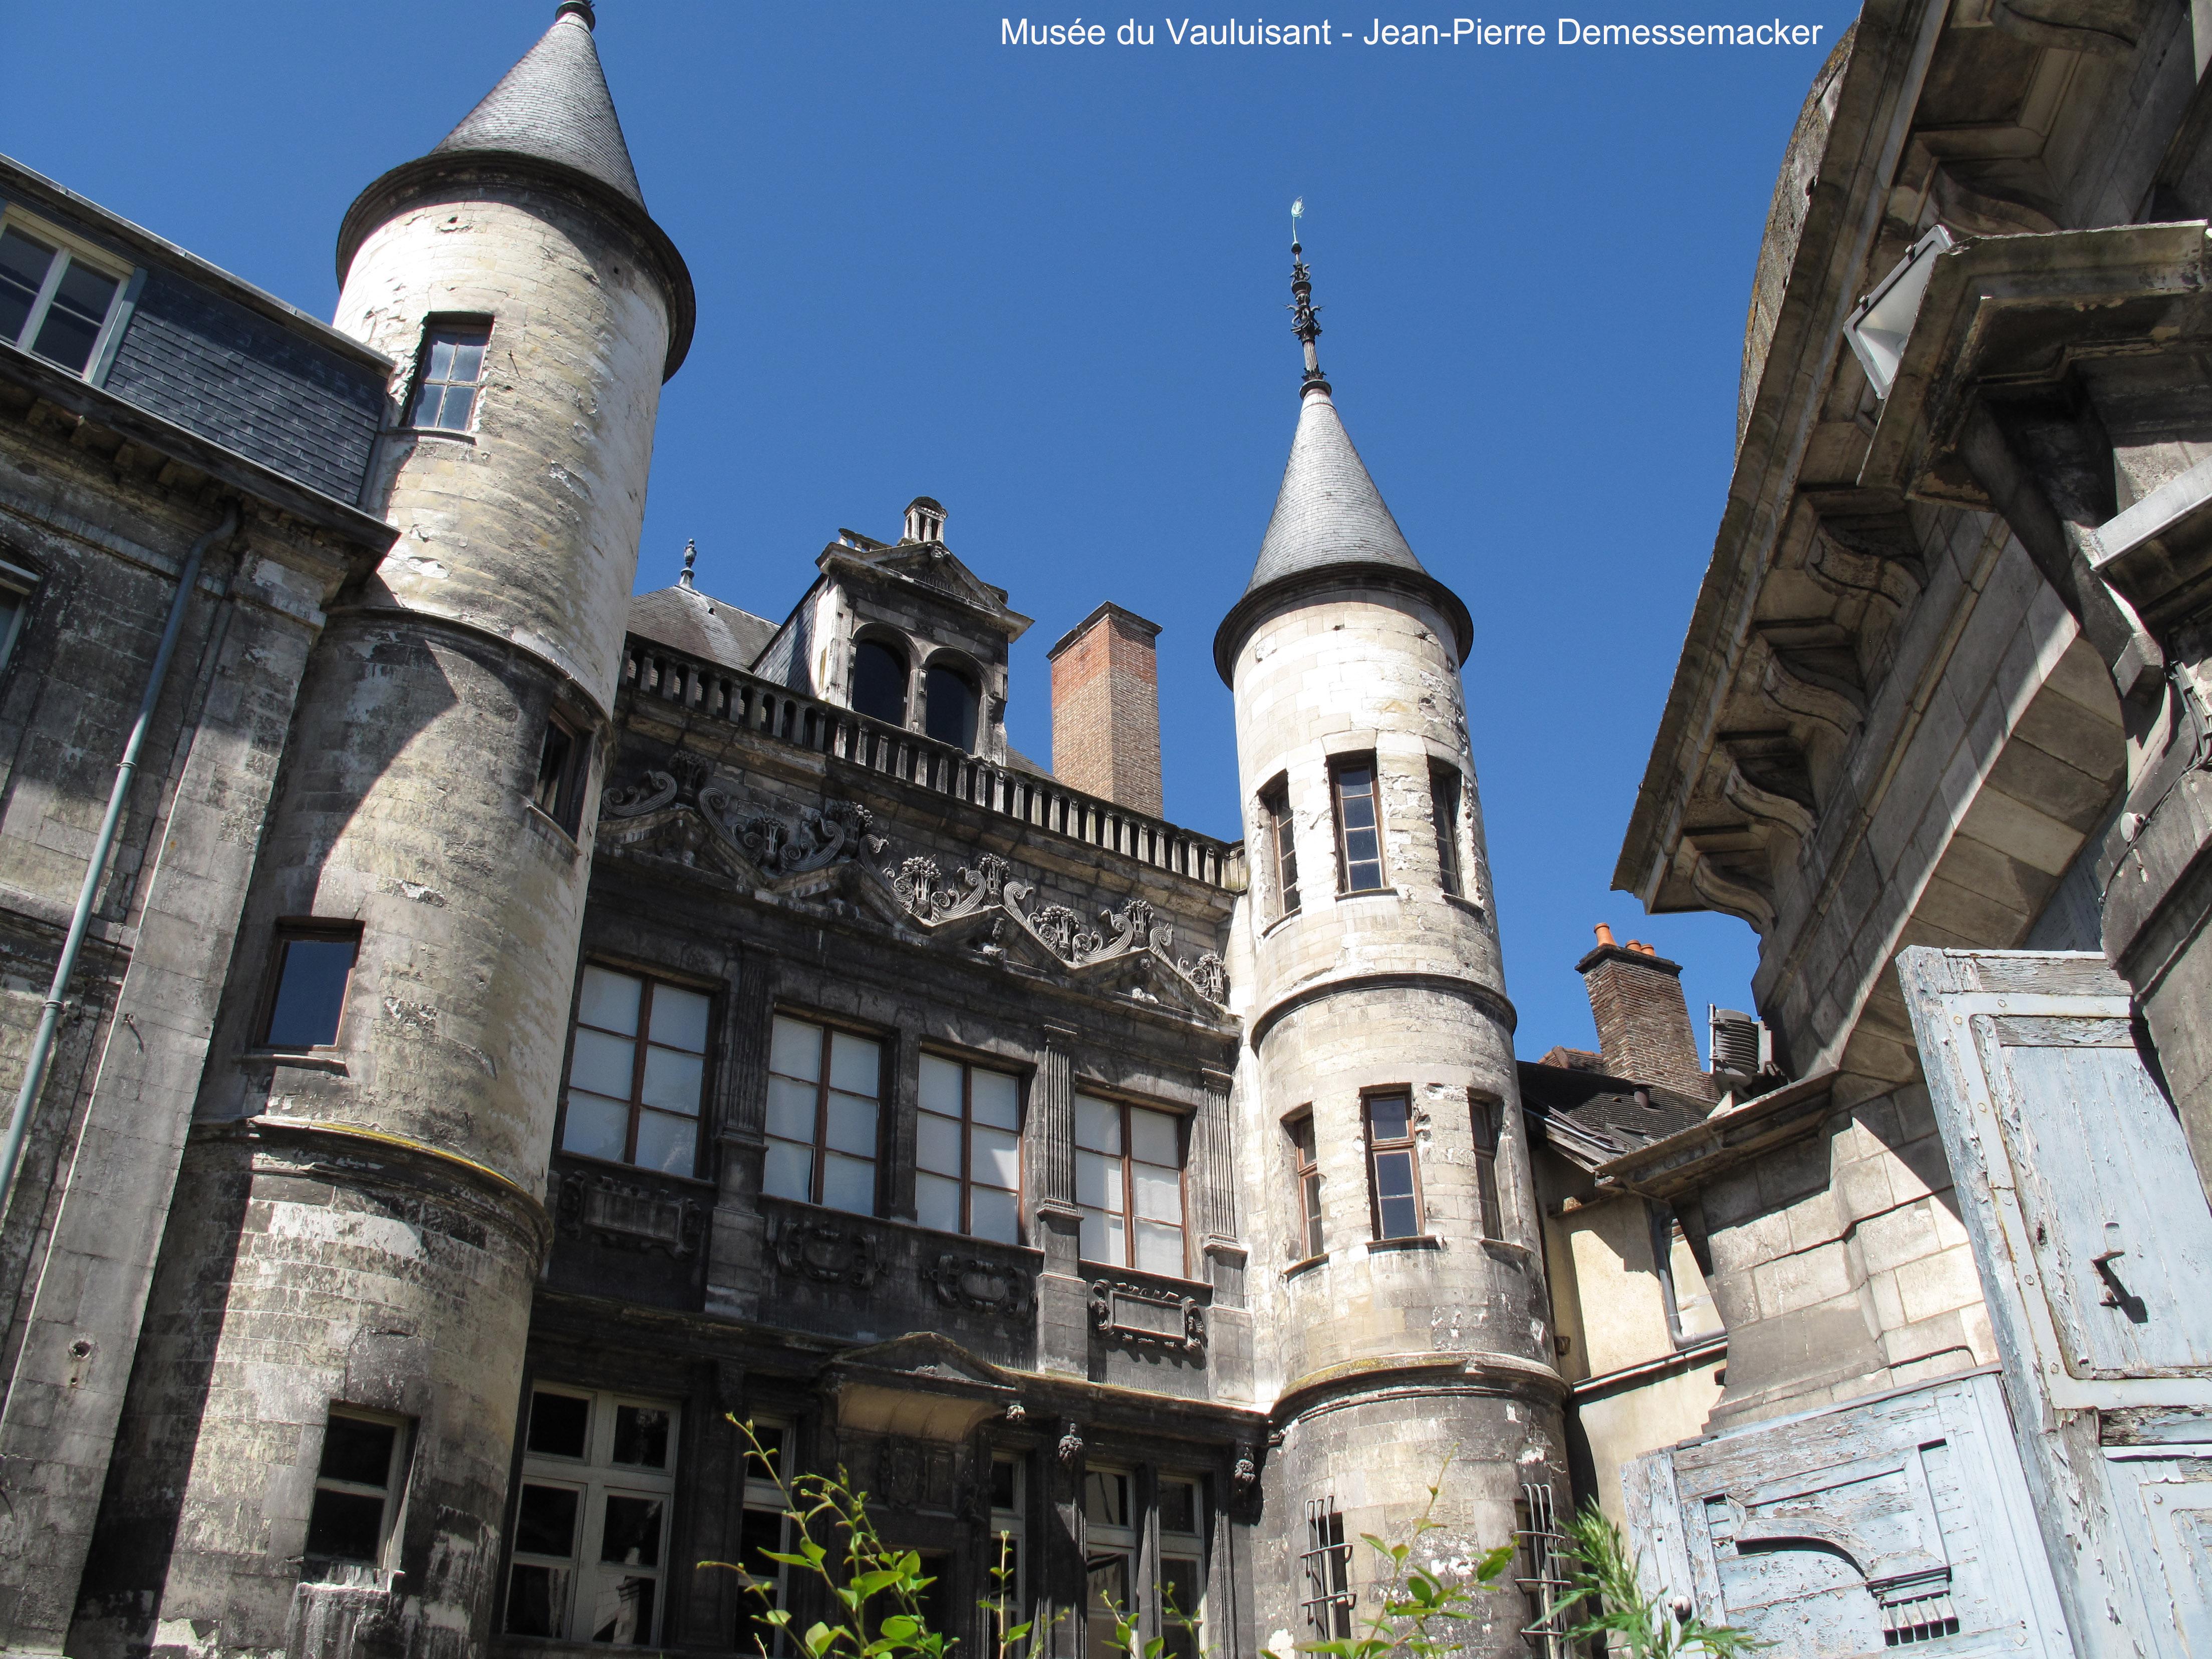 Hôtel de Vauluisant_2013_06_16_0421